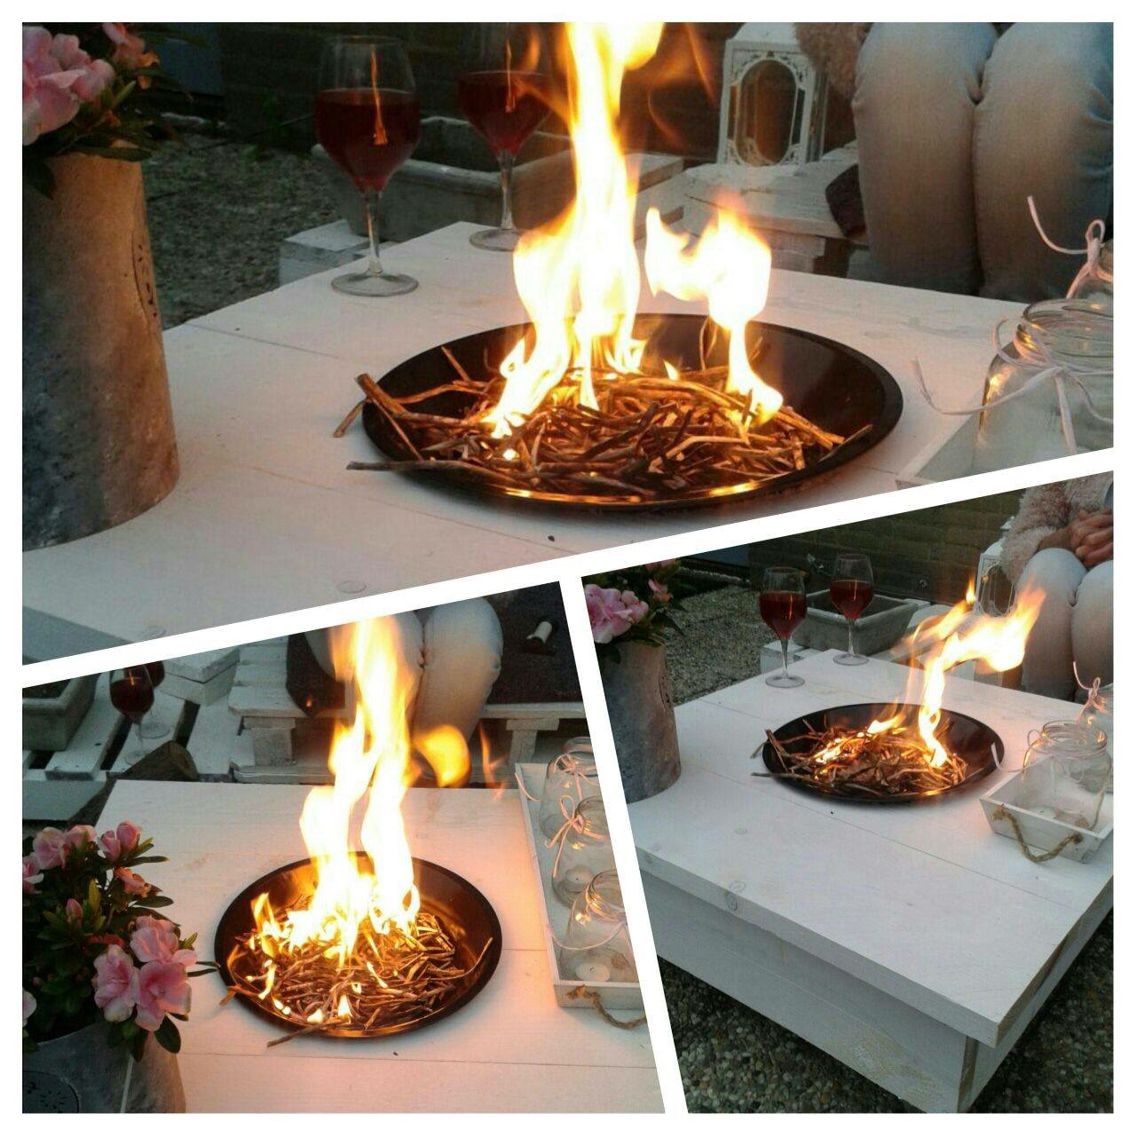 Mooi vuurkorf/bbq idee met bbq van action in tafel gemaakt met gat ...